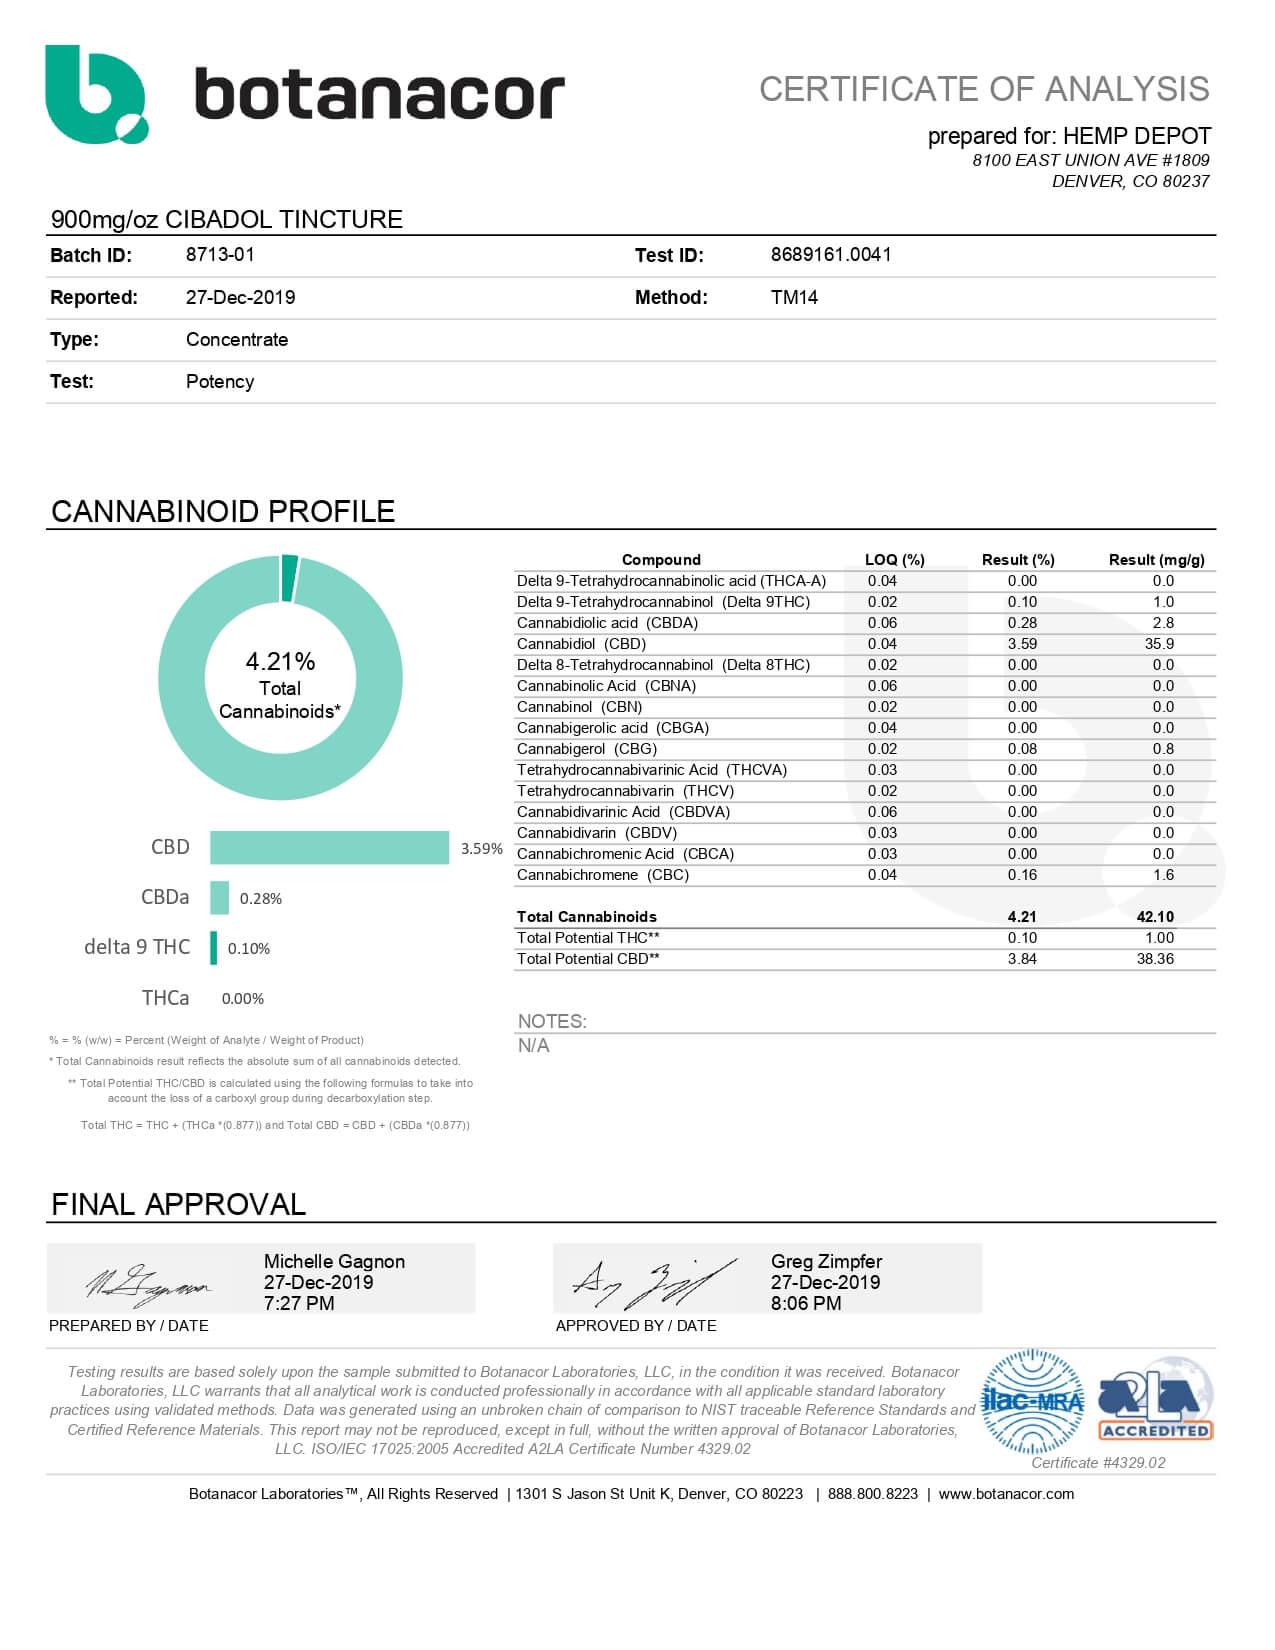 Cibadol CBD Tincture Full Spectrum 900mg Lab Report